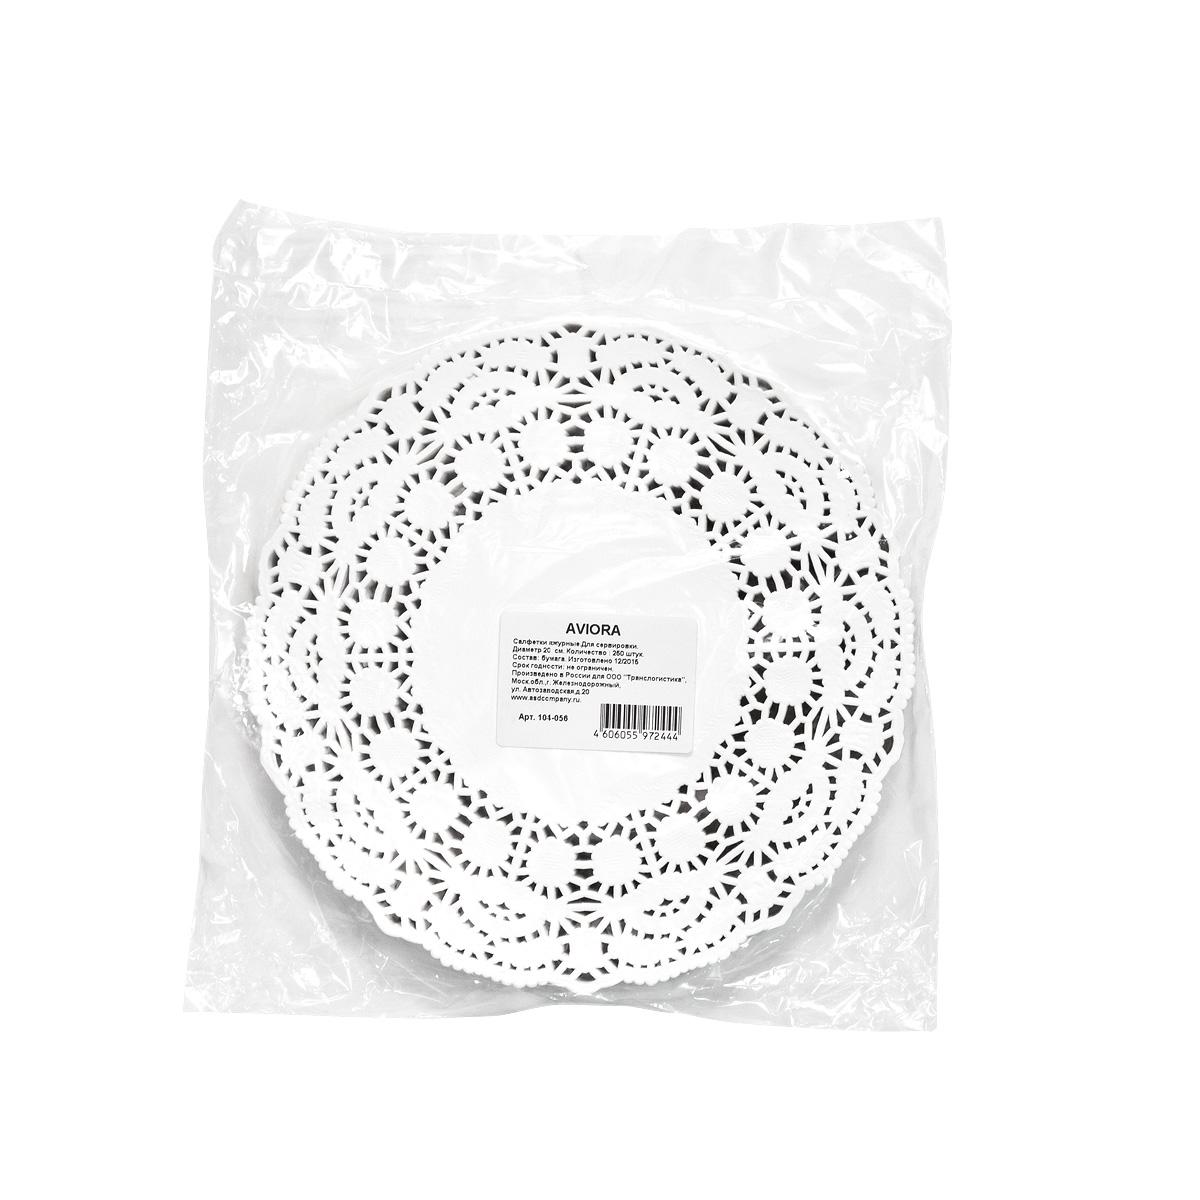 Салфетки бумажные Aviora, ажурные, диаметр 20 см, 250 шт104-056 Произведены в России Безопасные при контакте с пищей. Изысканный узор по контуру салфеток.Предназначены для сервировки стола.Используются для красивой подачи тортов и пирожных. Небольшие диаметры используются для подачи чая / кофе.